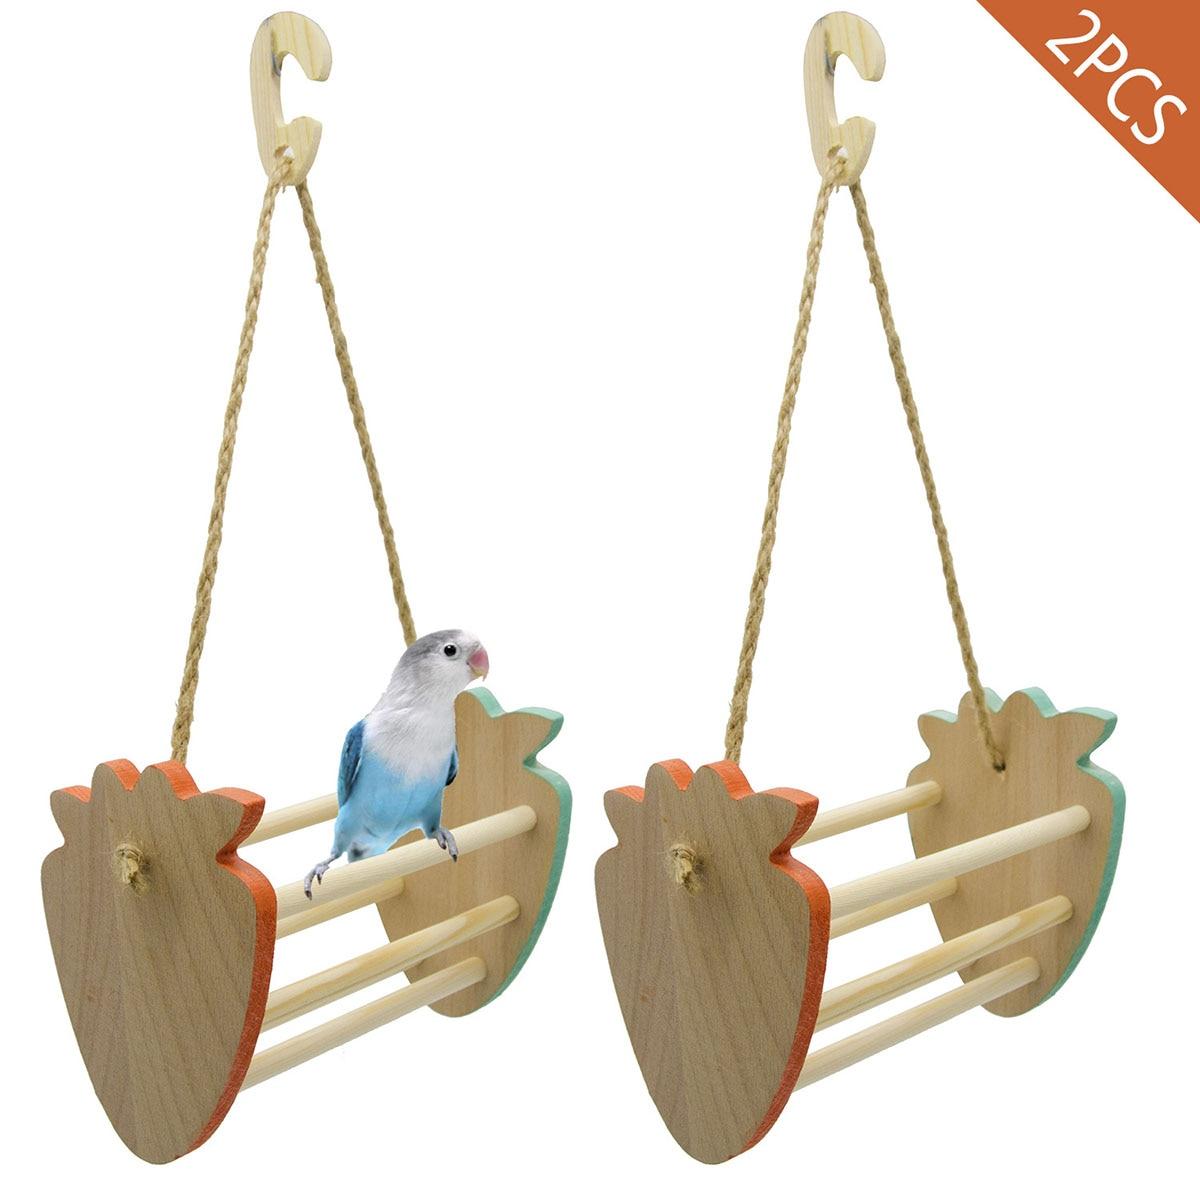 Juego de 2 unidades de columpios de fresa, Columpio de madera para escritorio, canasta colgante de juguete para pájaros, hámster, loros, juguetes y accesorios para pájaros